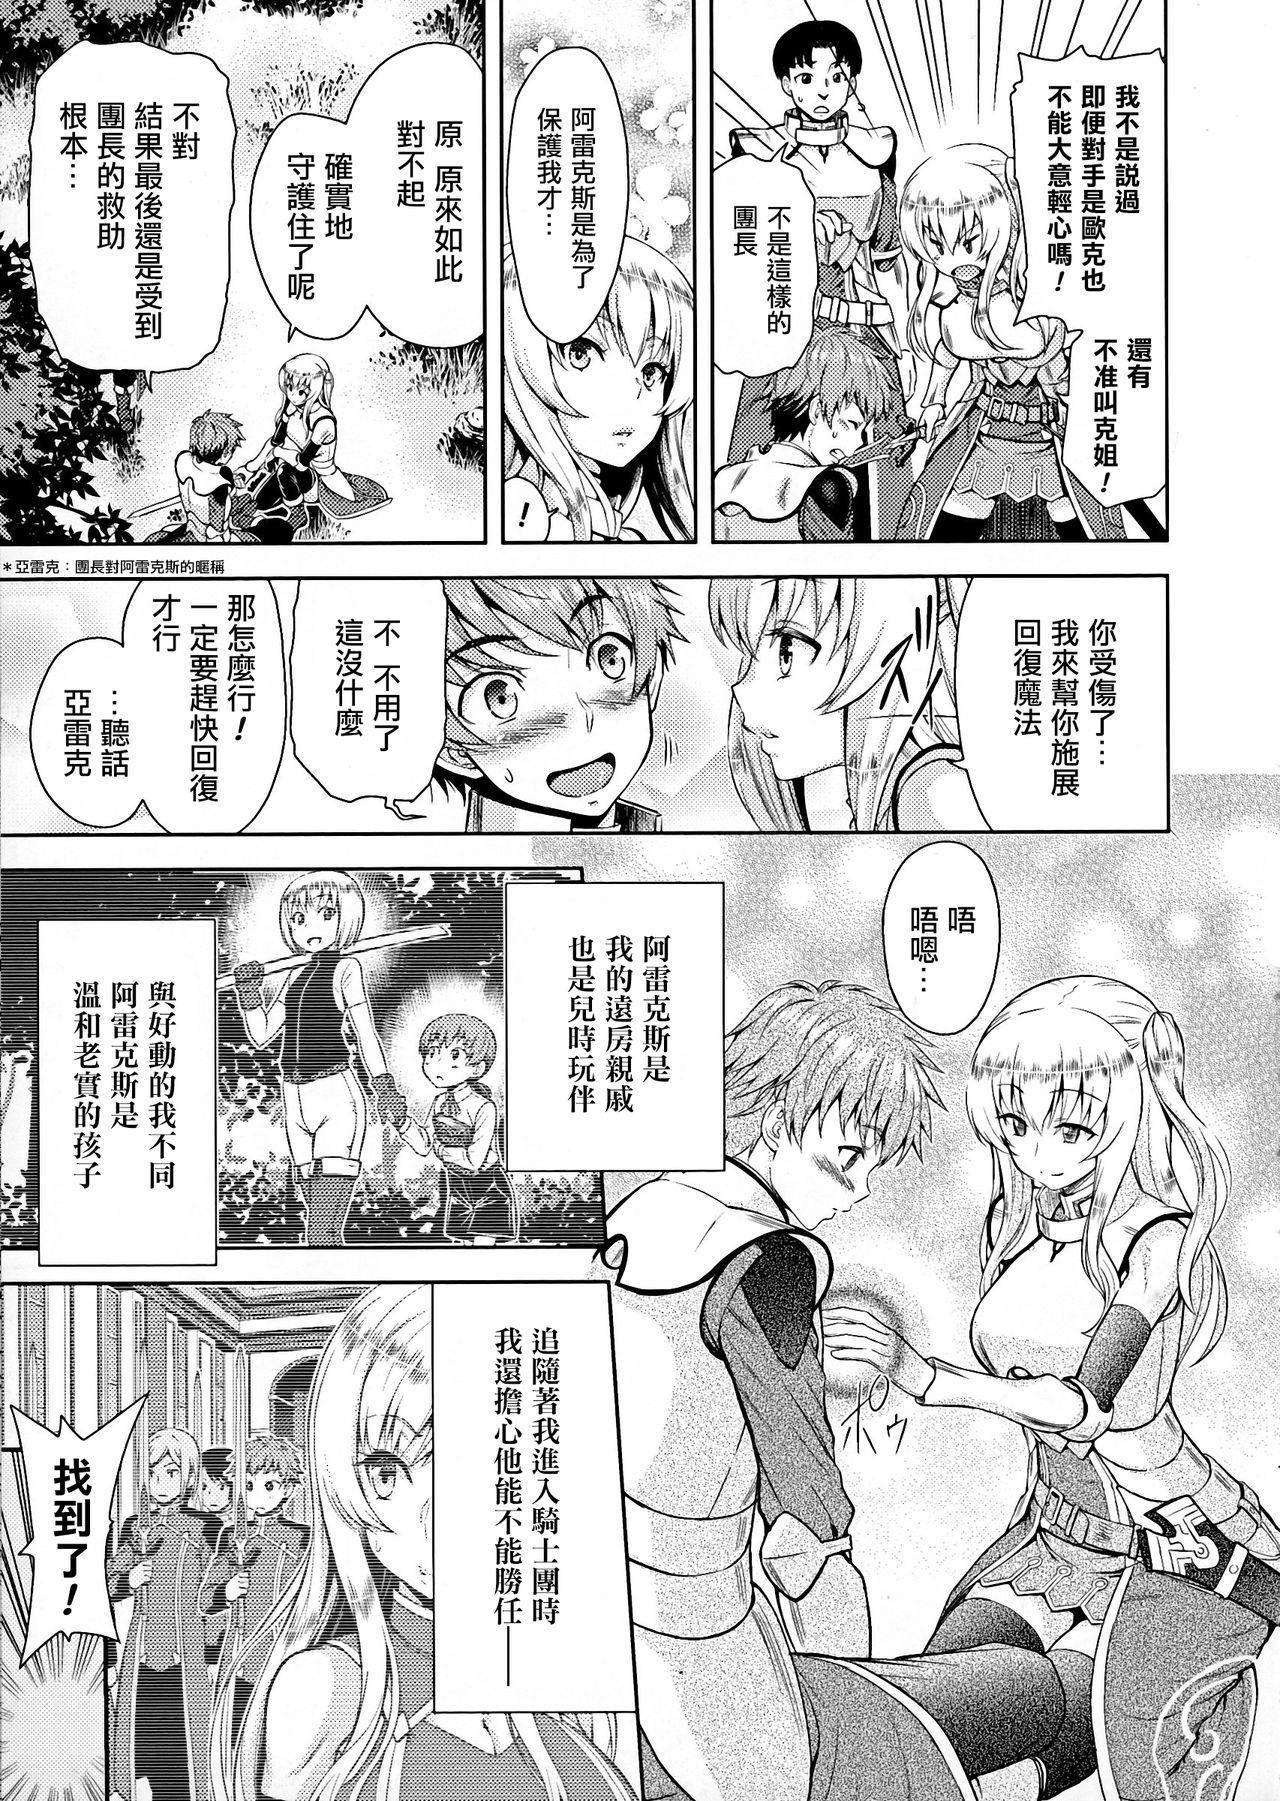 ERONA Orc no Inmon ni Okasareta Onna Kishi no Matsuro Ch. 1-5 8